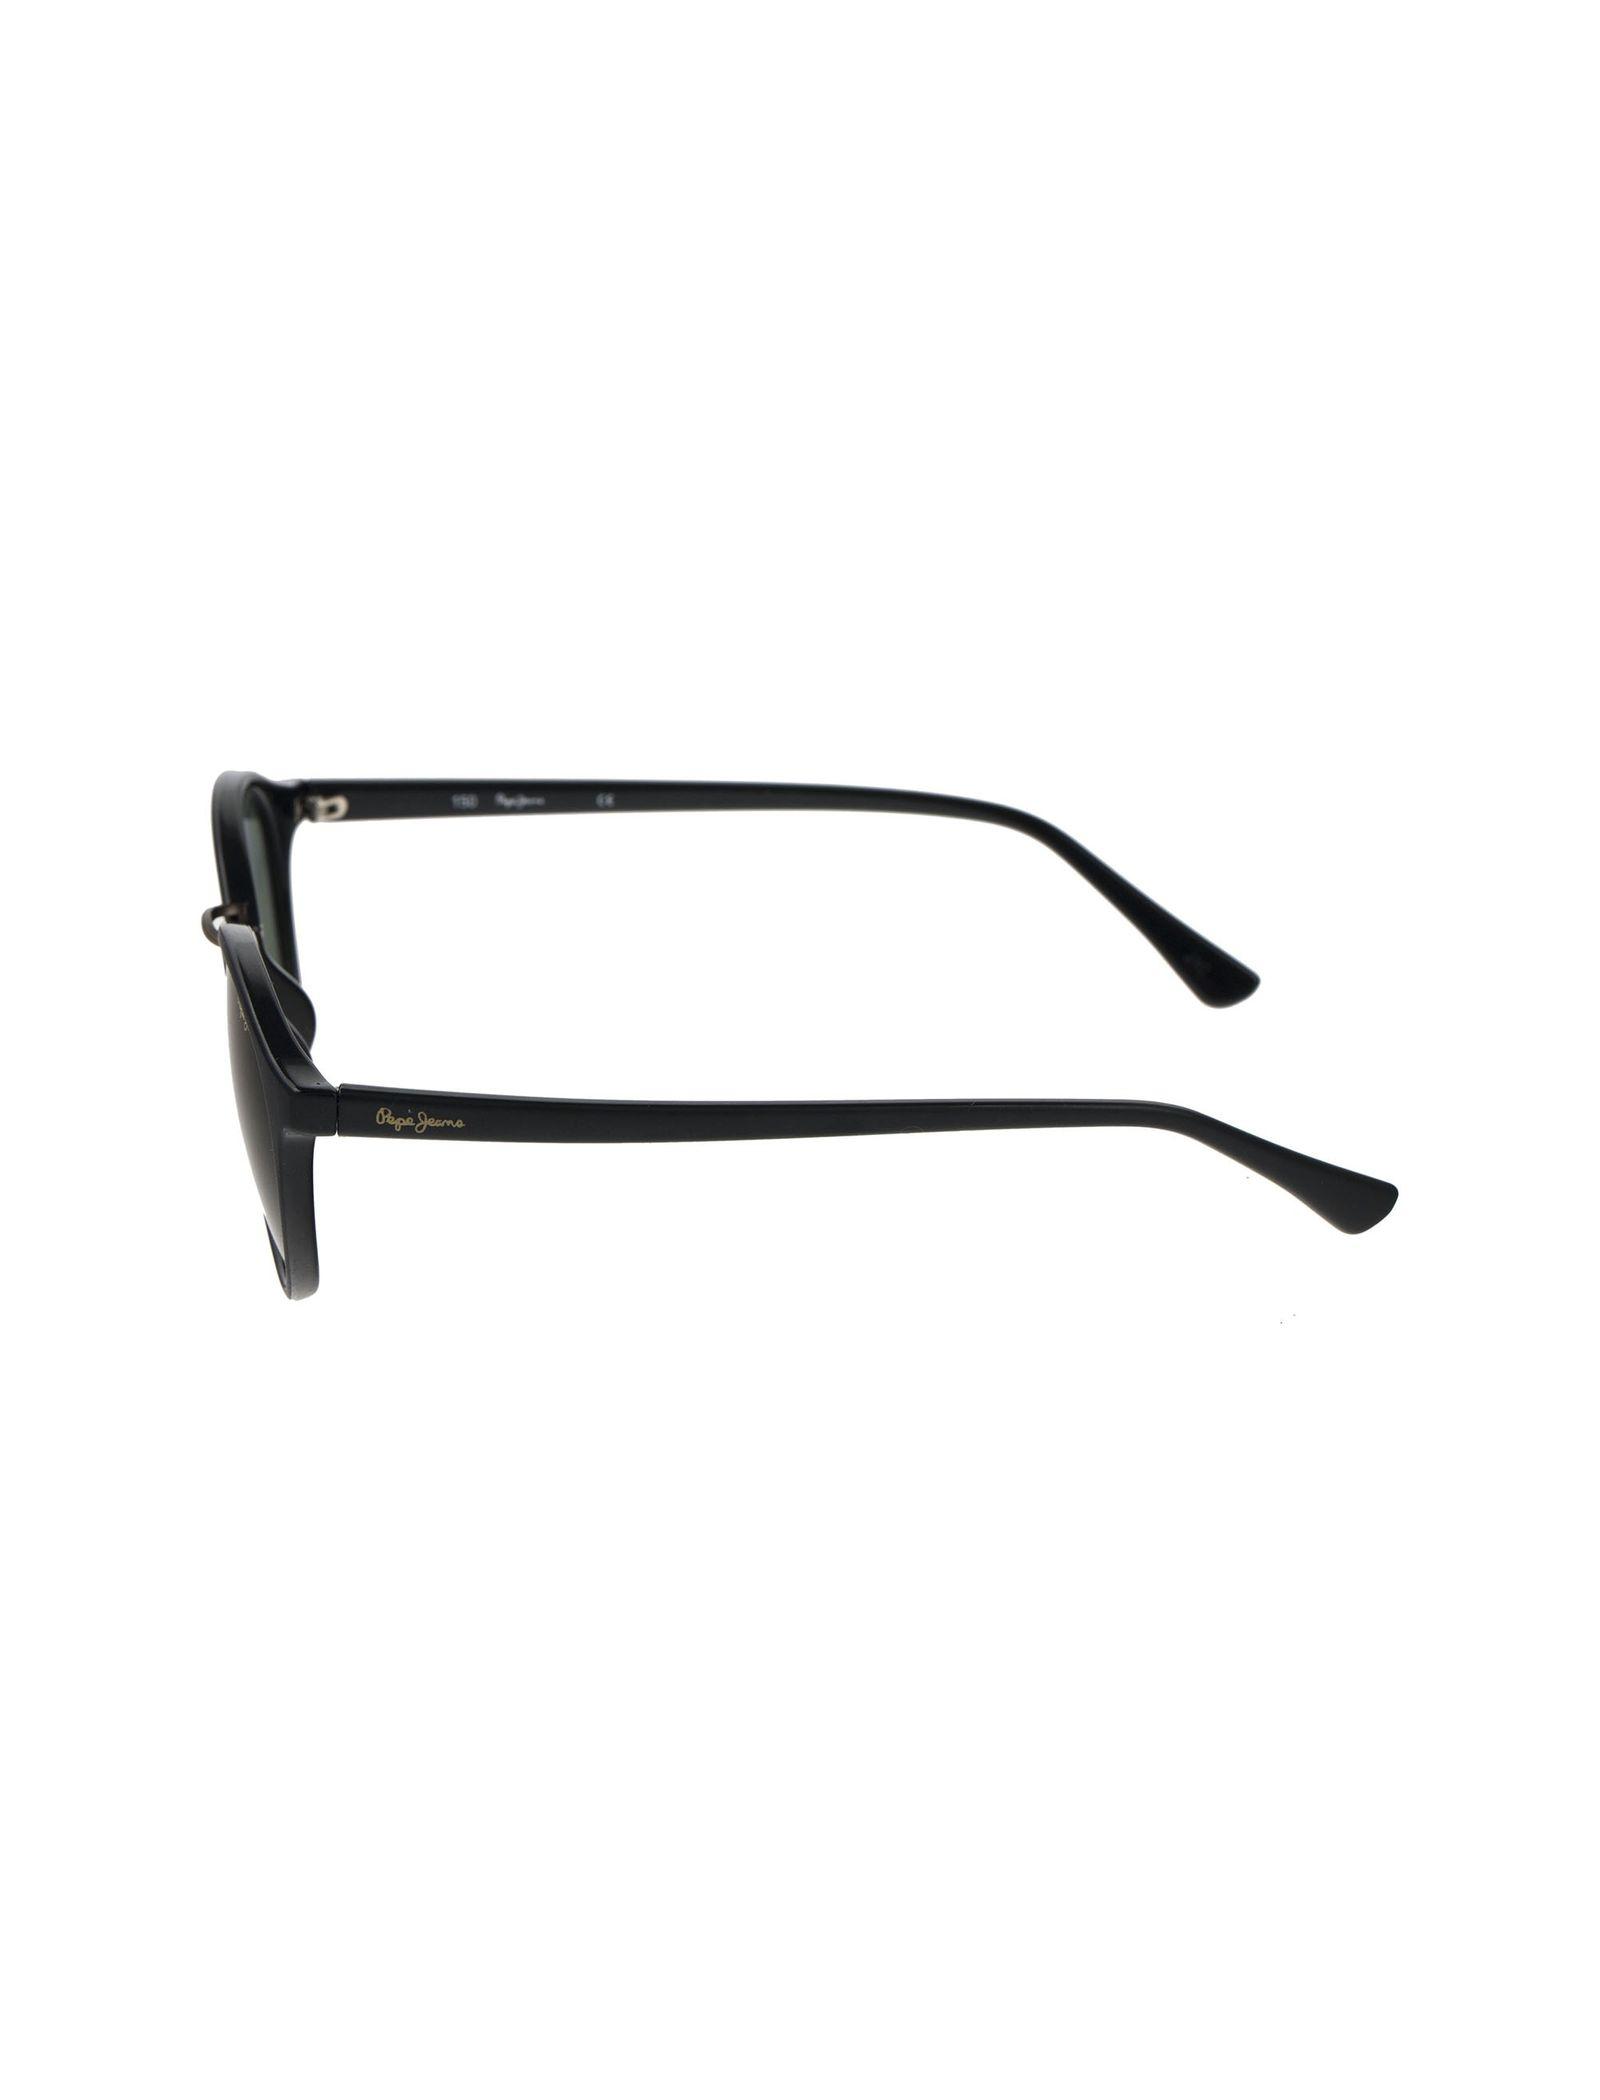 عینک آفتابی پنتوس زنانه - پپه جینز - مشکي        - 3